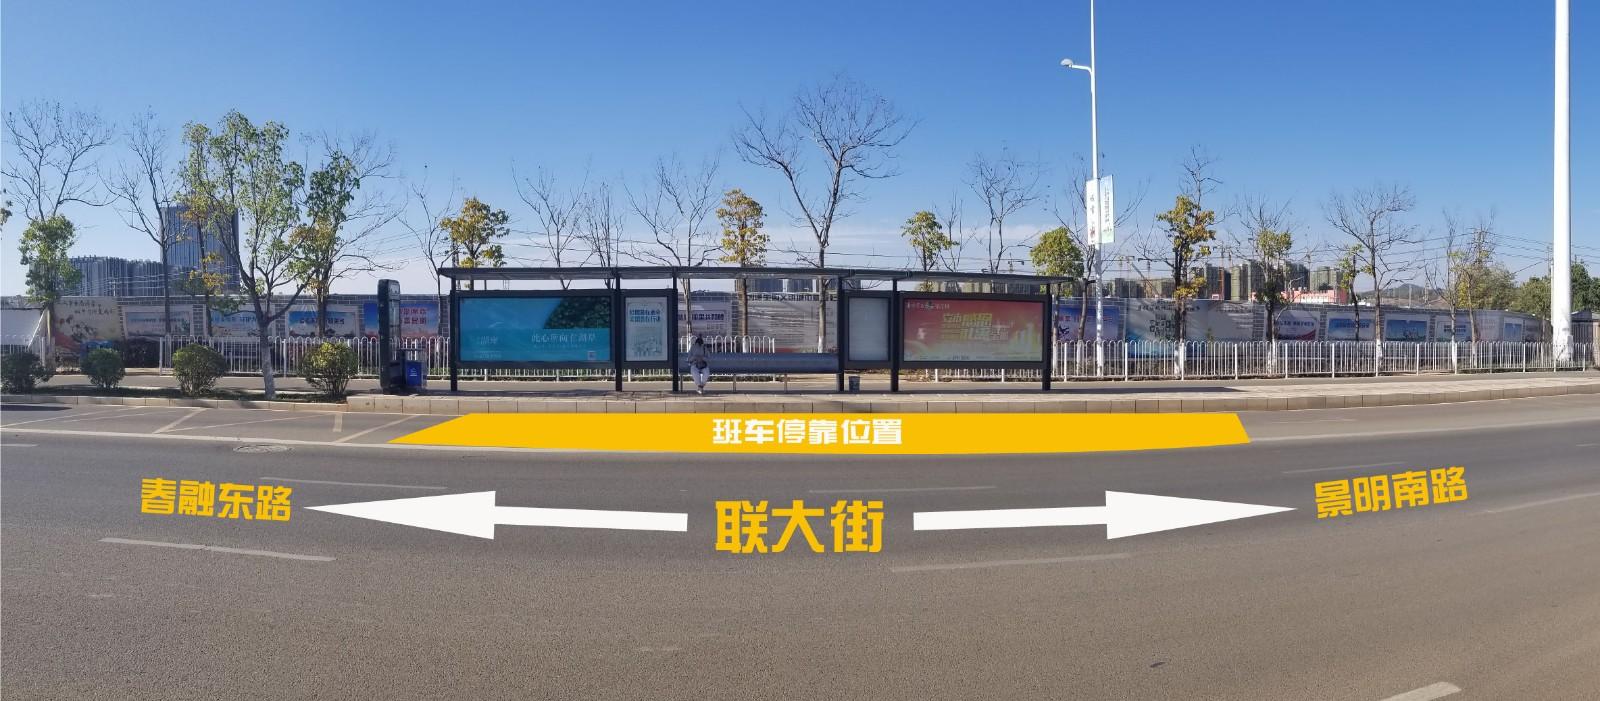 6、云南师范大学.jpg